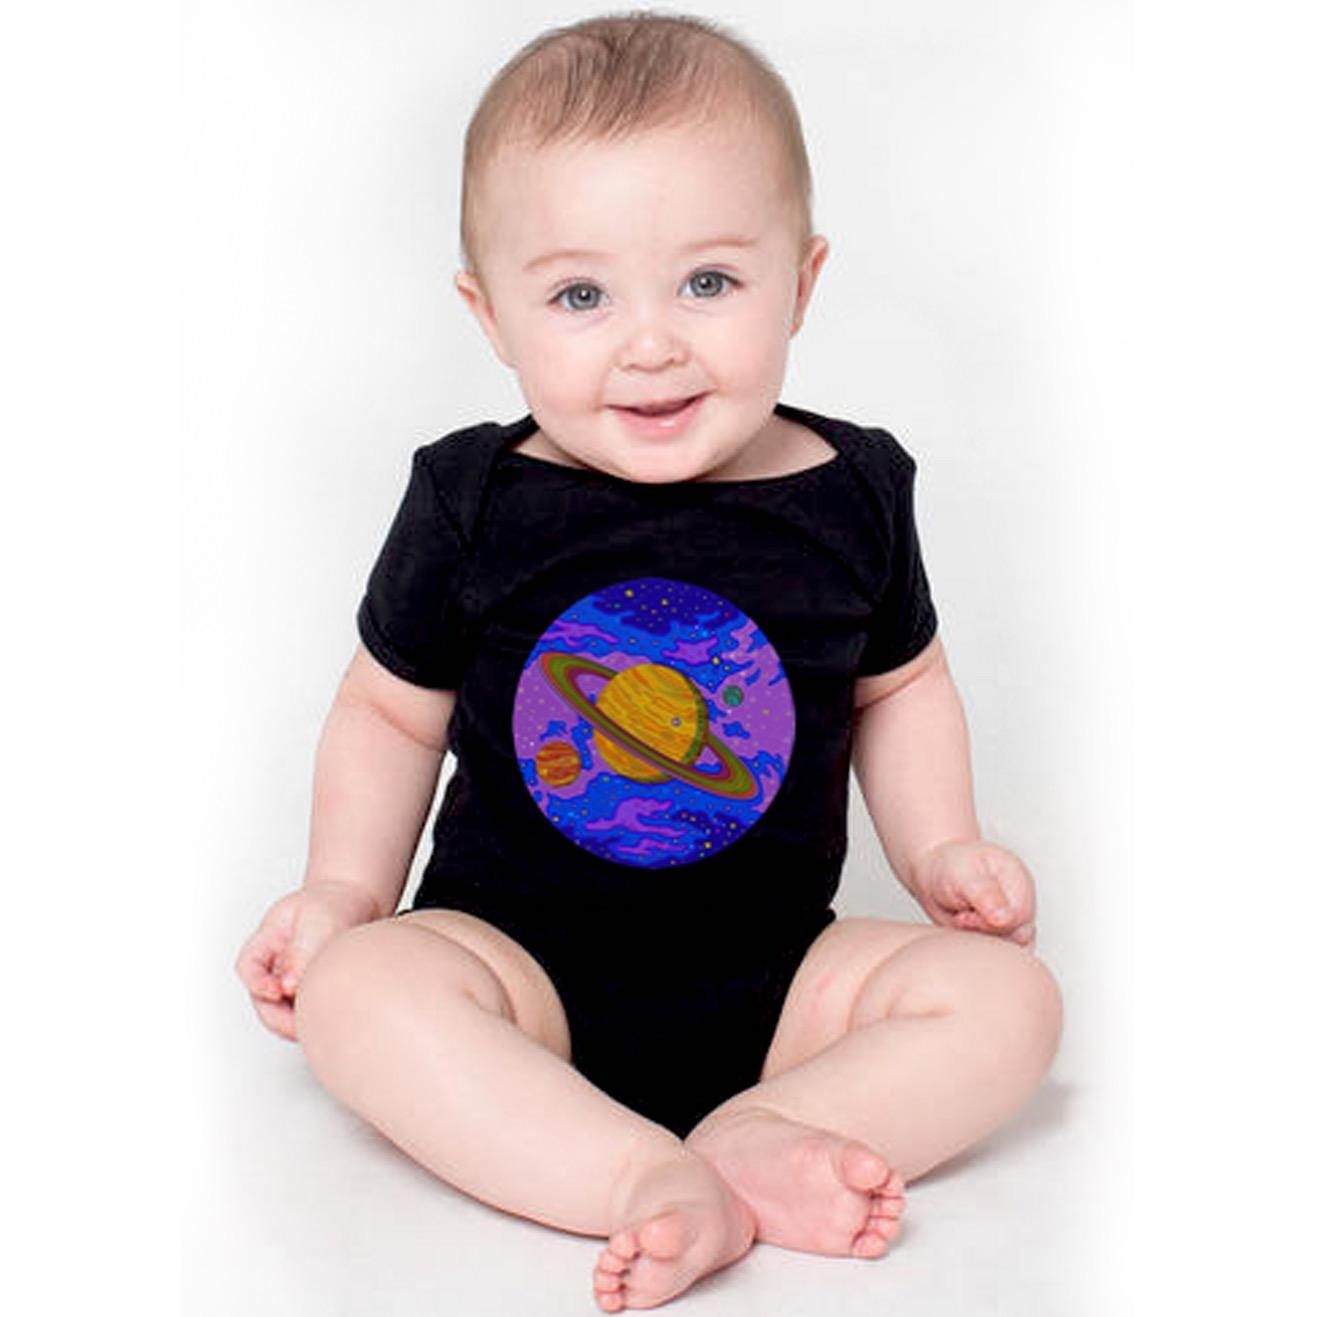 Baby-Onesie copy 21.jpg